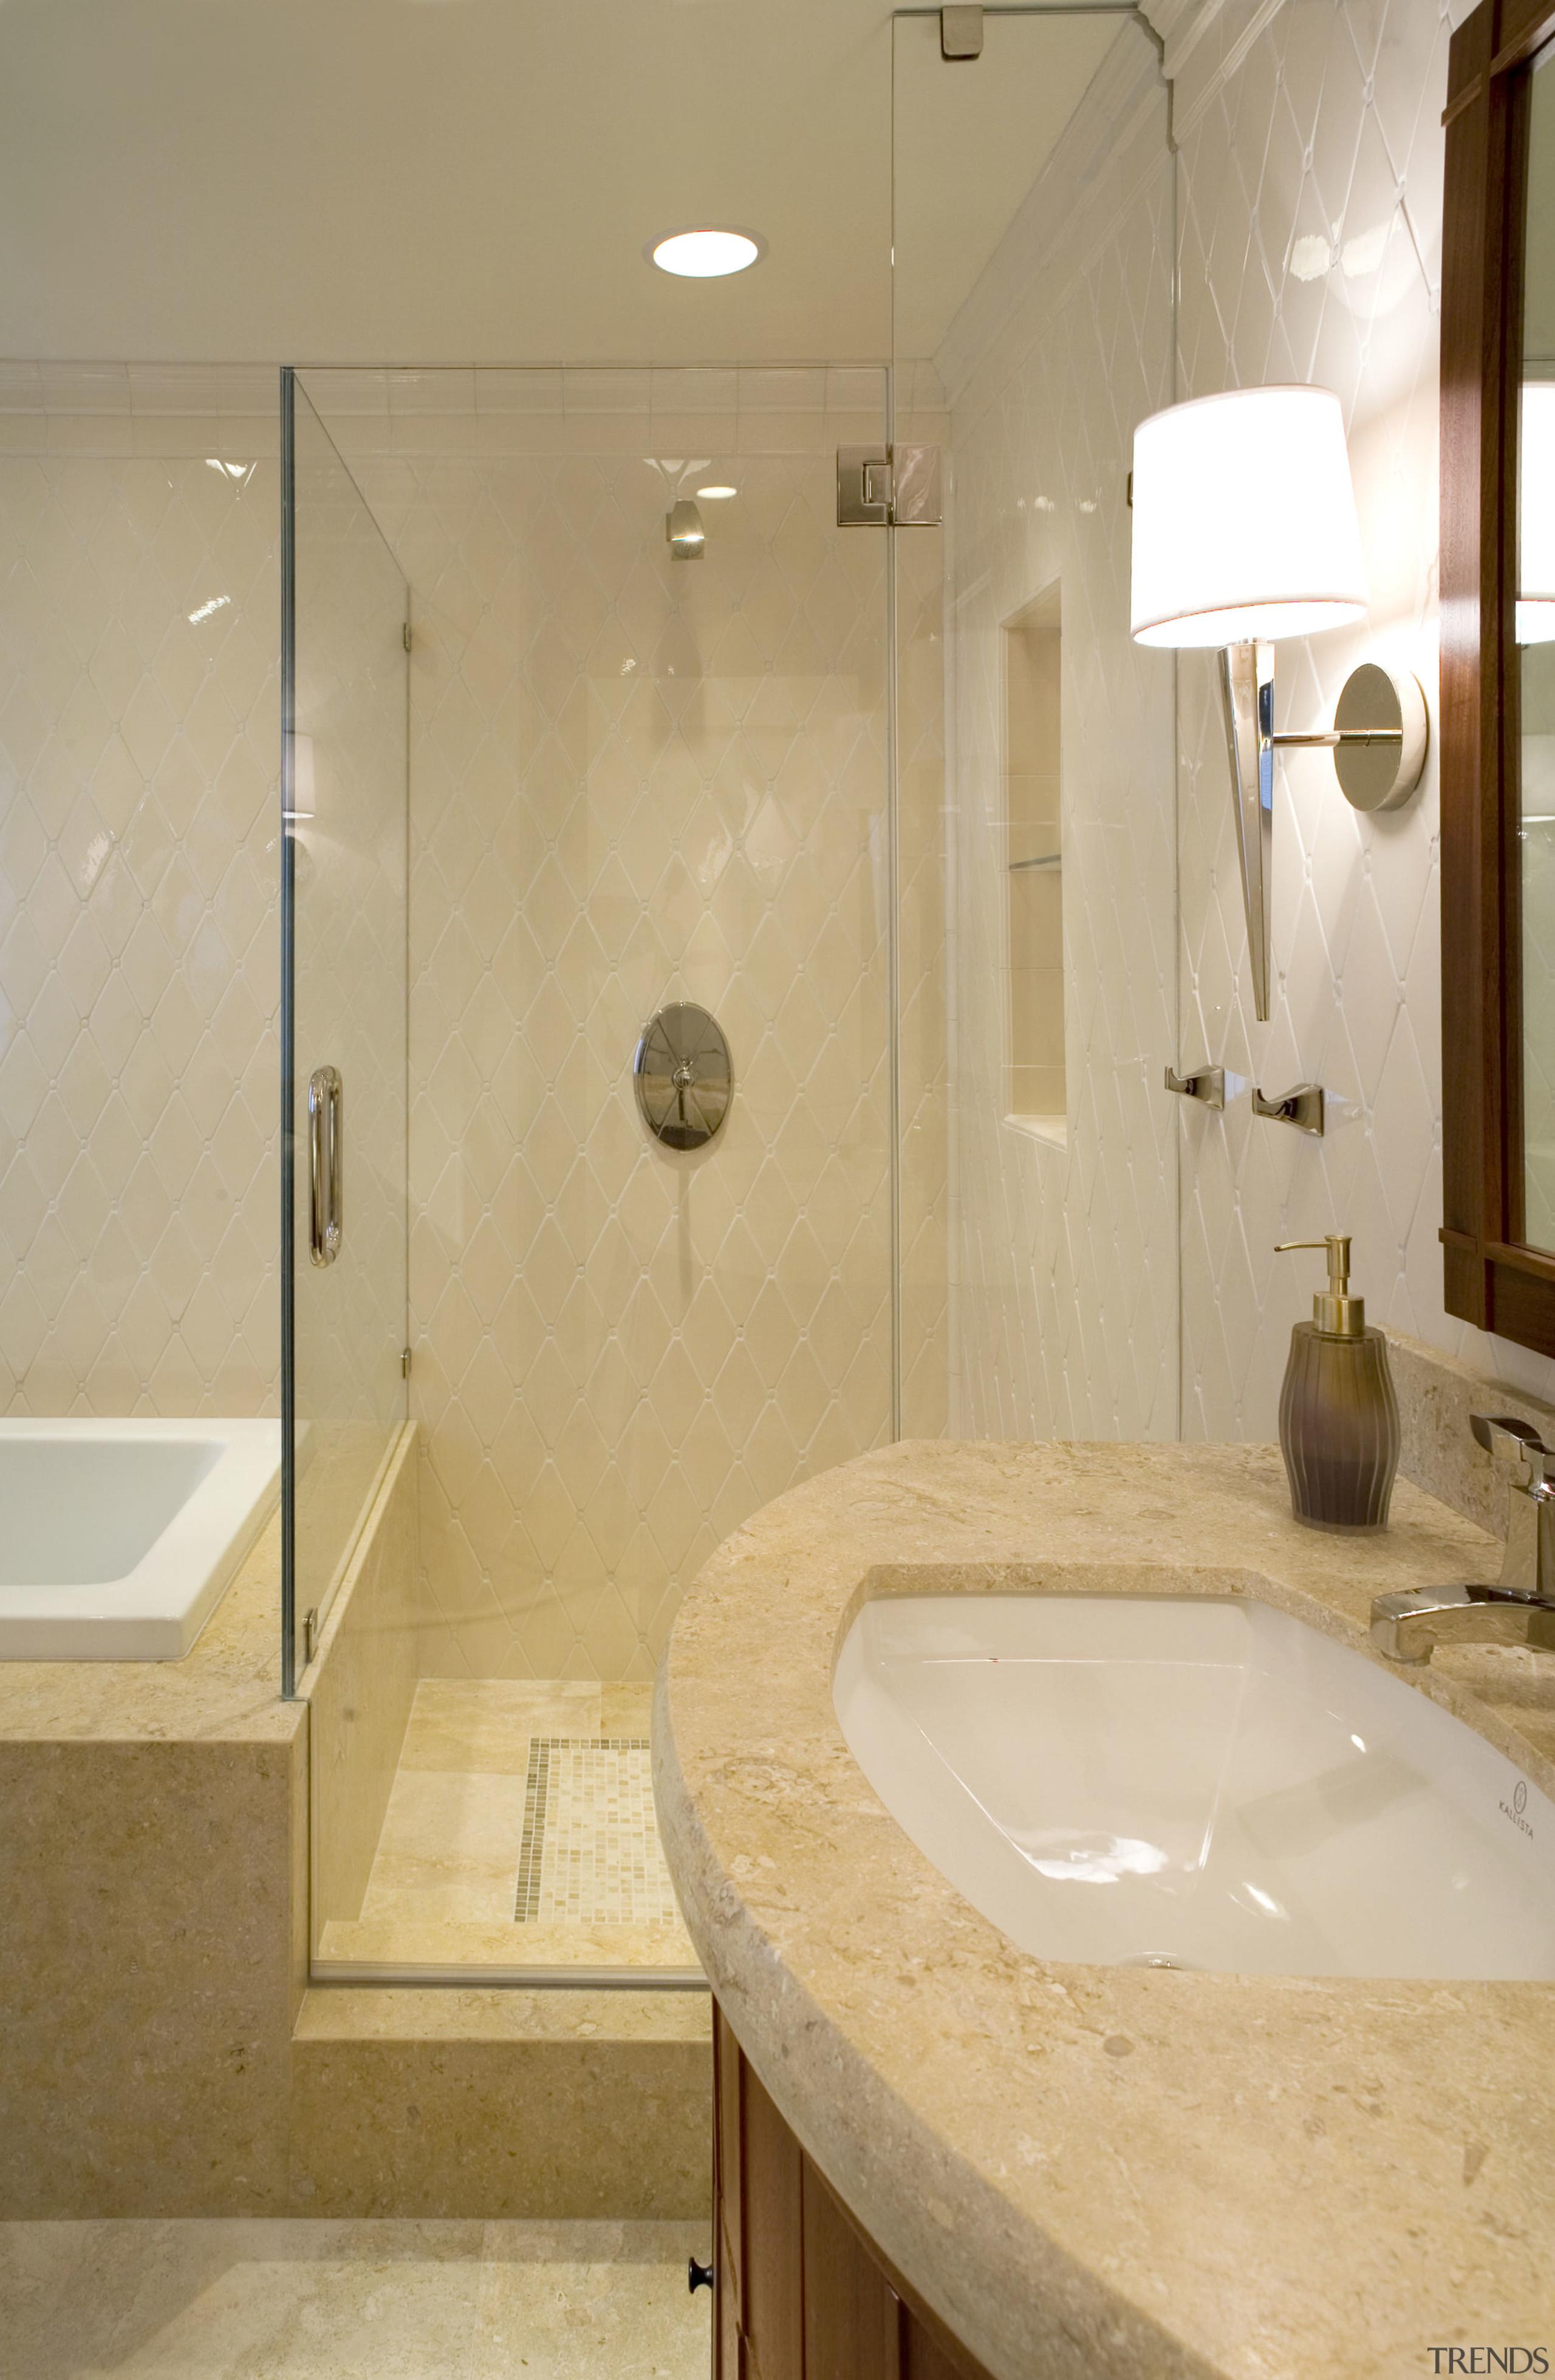 A view of some bathroomware from NKBA. - bathroom, floor, interior design, plumbing fixture, property, room, sink, tap, tile, orange, brown